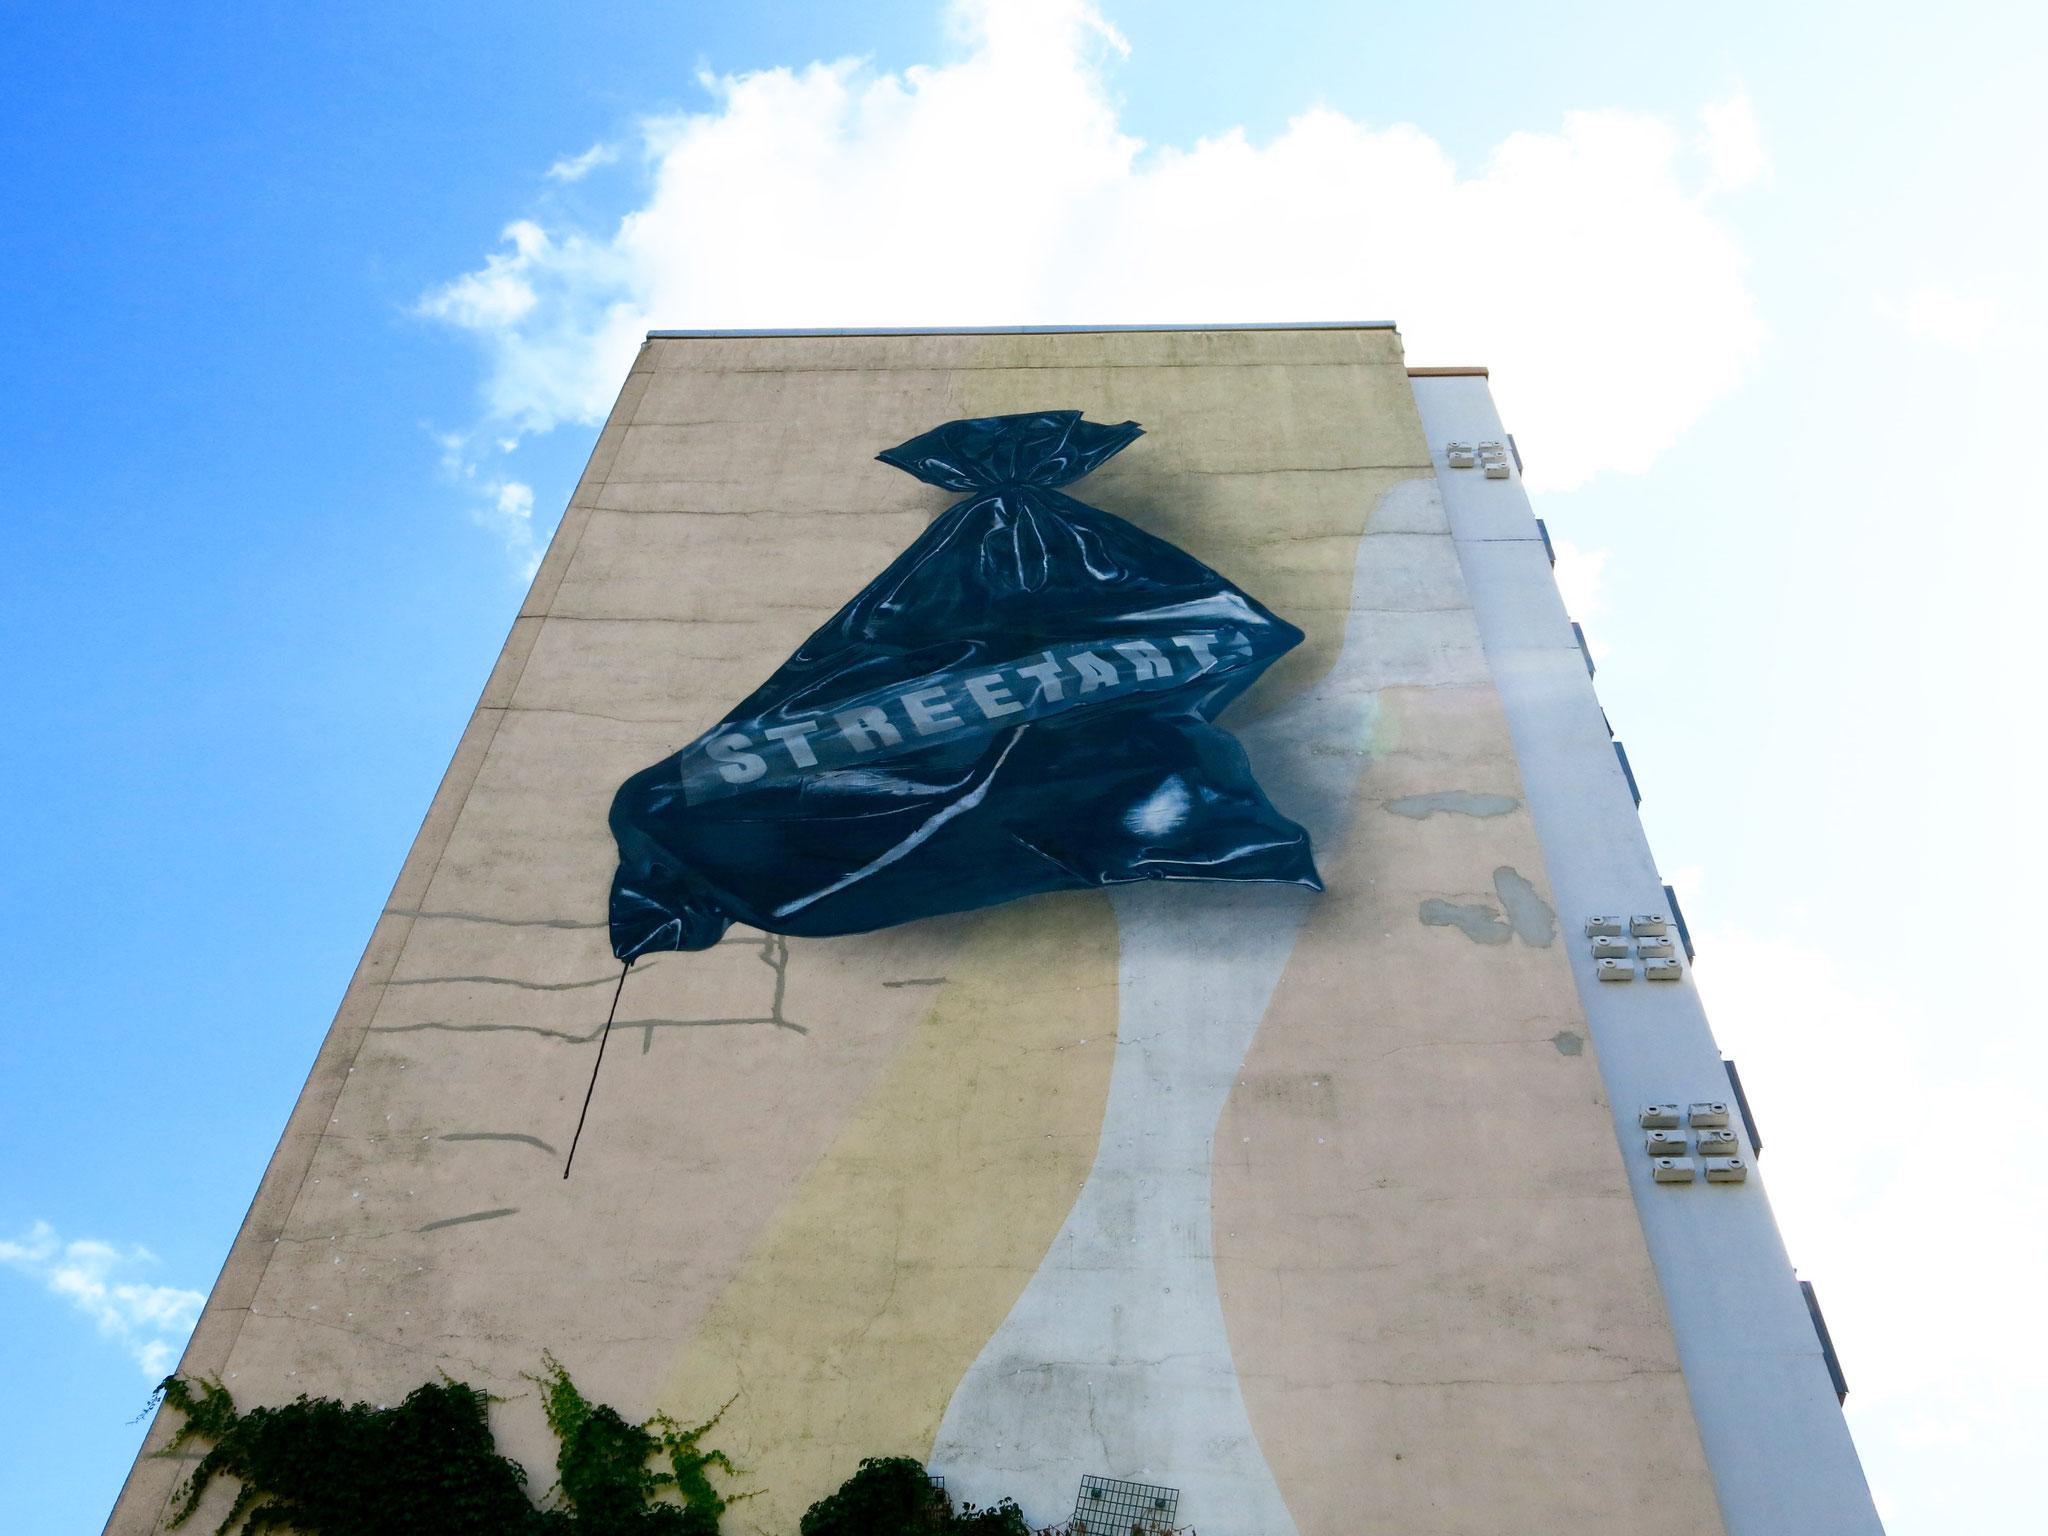 Tipp 10: Berlin Mural Fest | Sa/So, 7./8. September, jeweils ab 20.15 Uhr | Ludwigsfelder Straße 12 und 14, Alte Hellersdorfer Straße 129 + 133, Märkische Allee 158 + 164, Murtzaner Ring 31